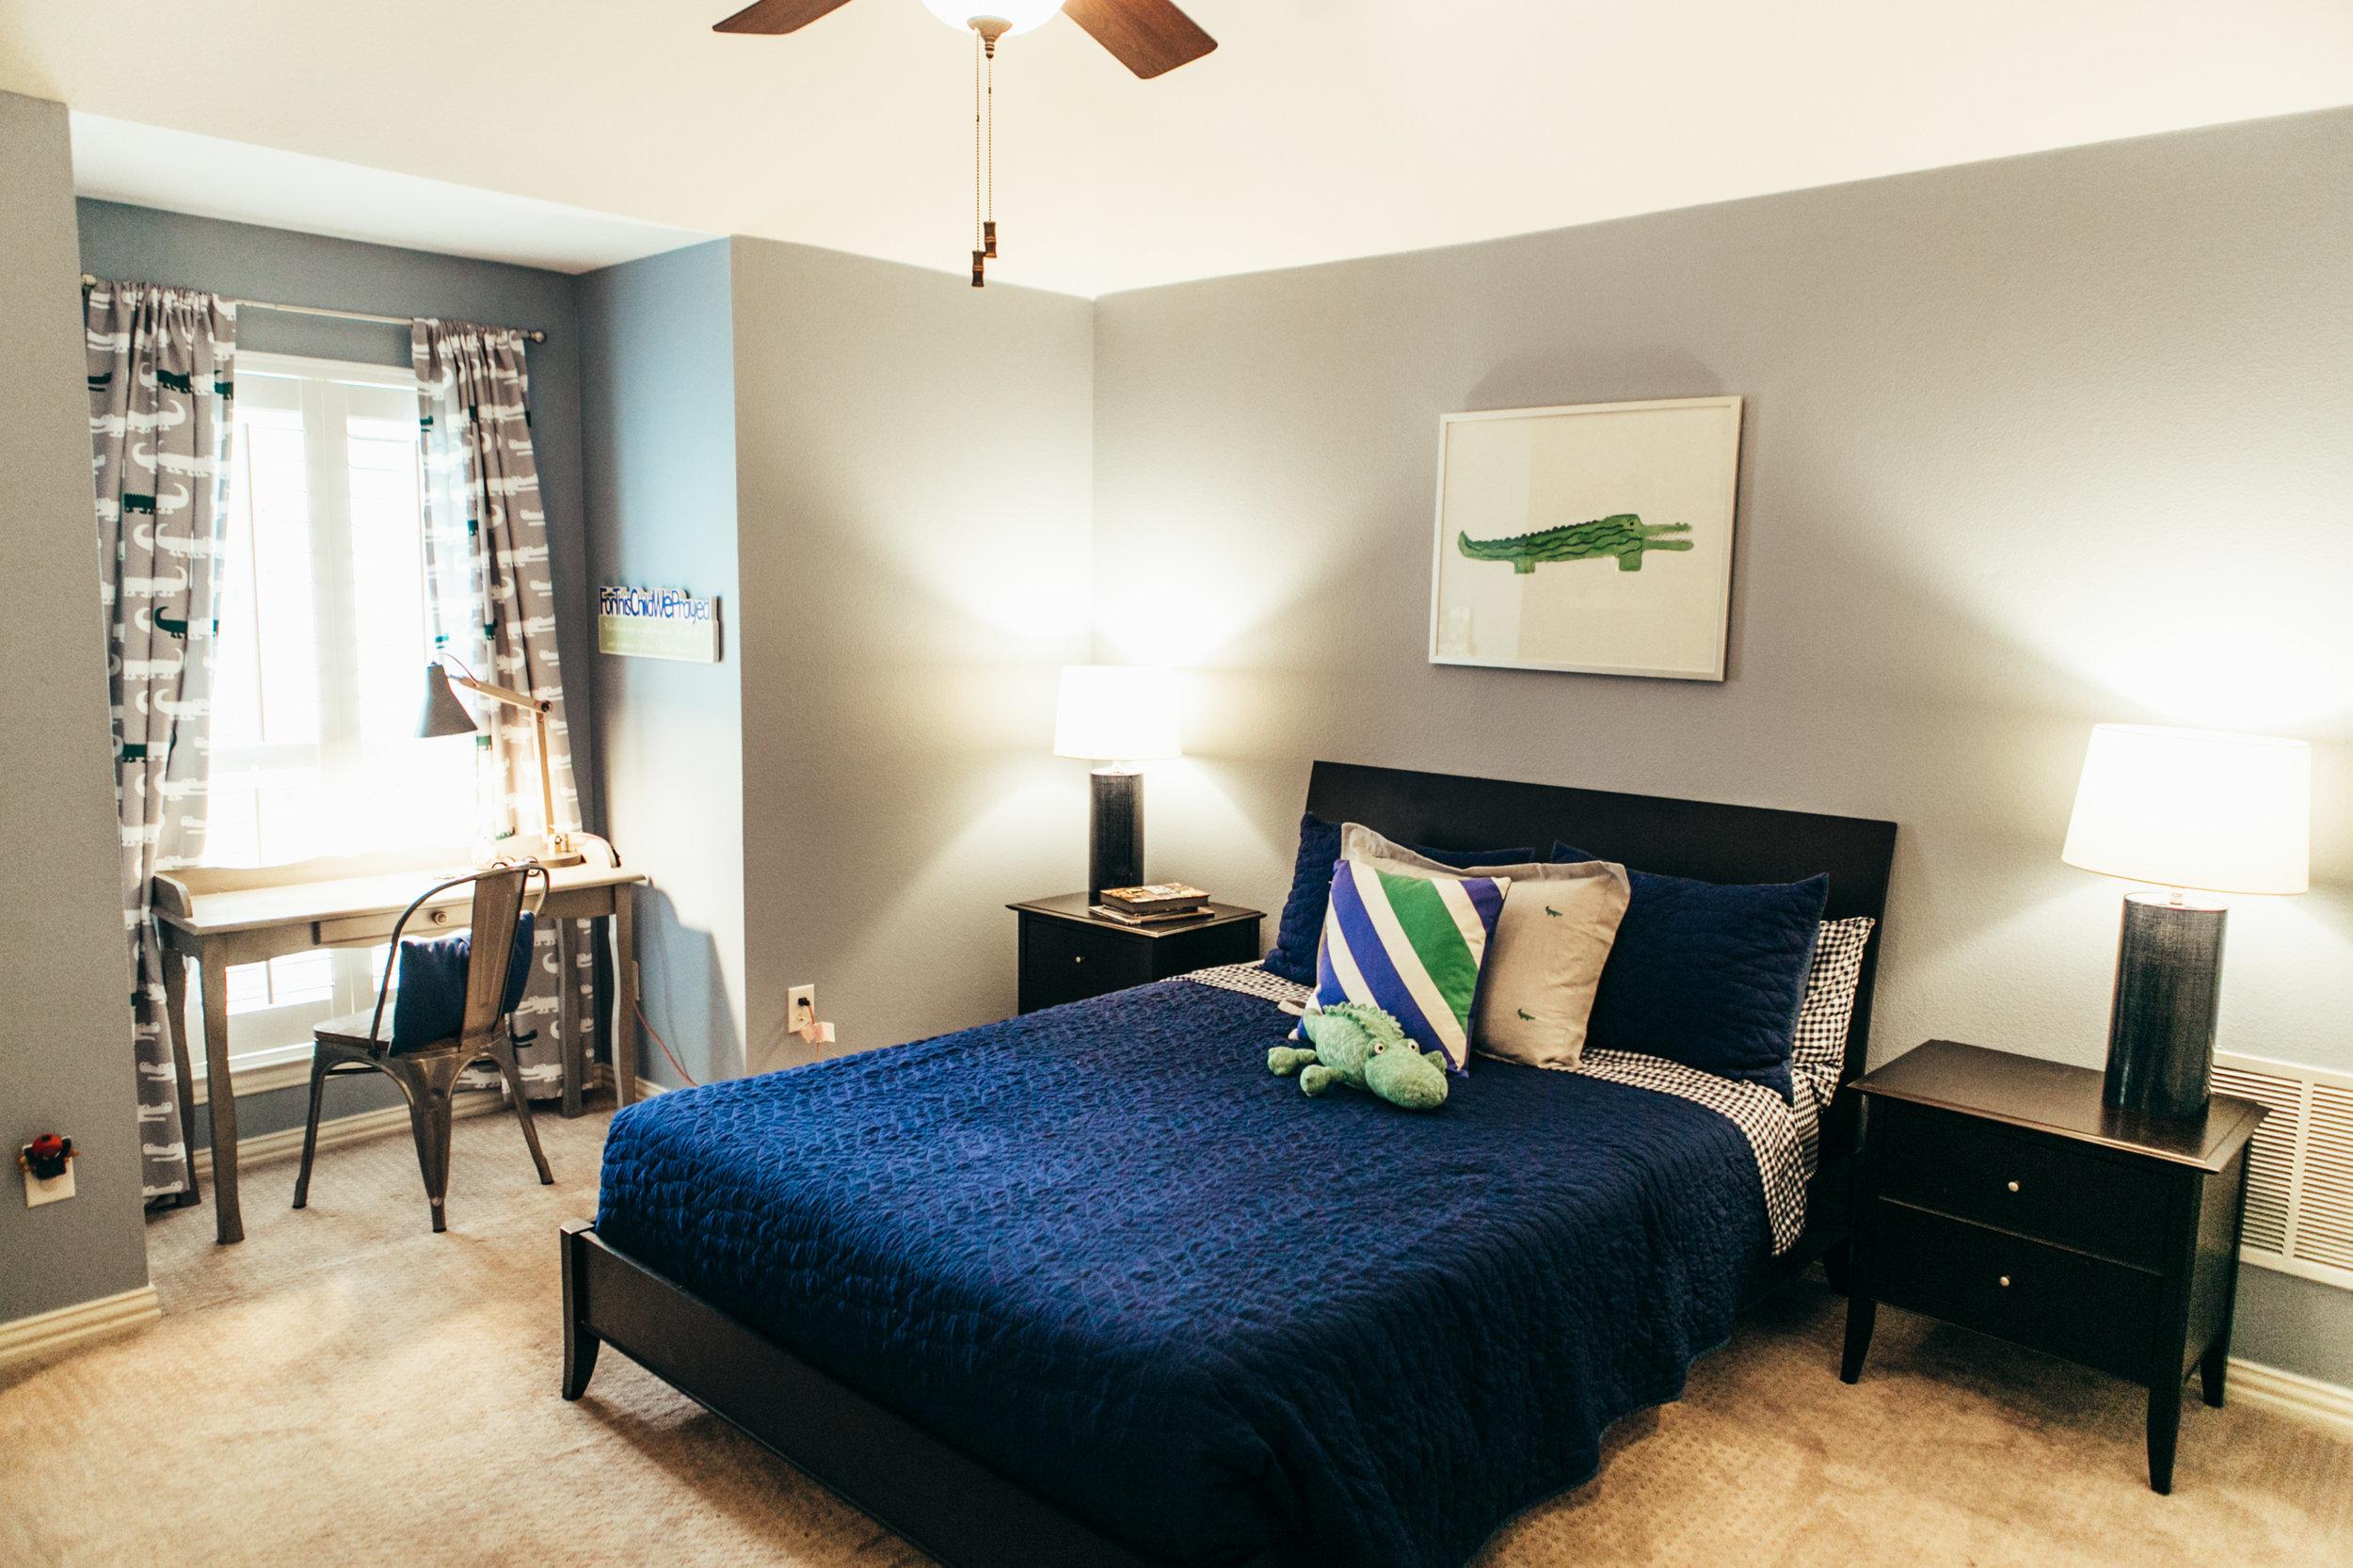 Southlake Kids Room Design .jpg